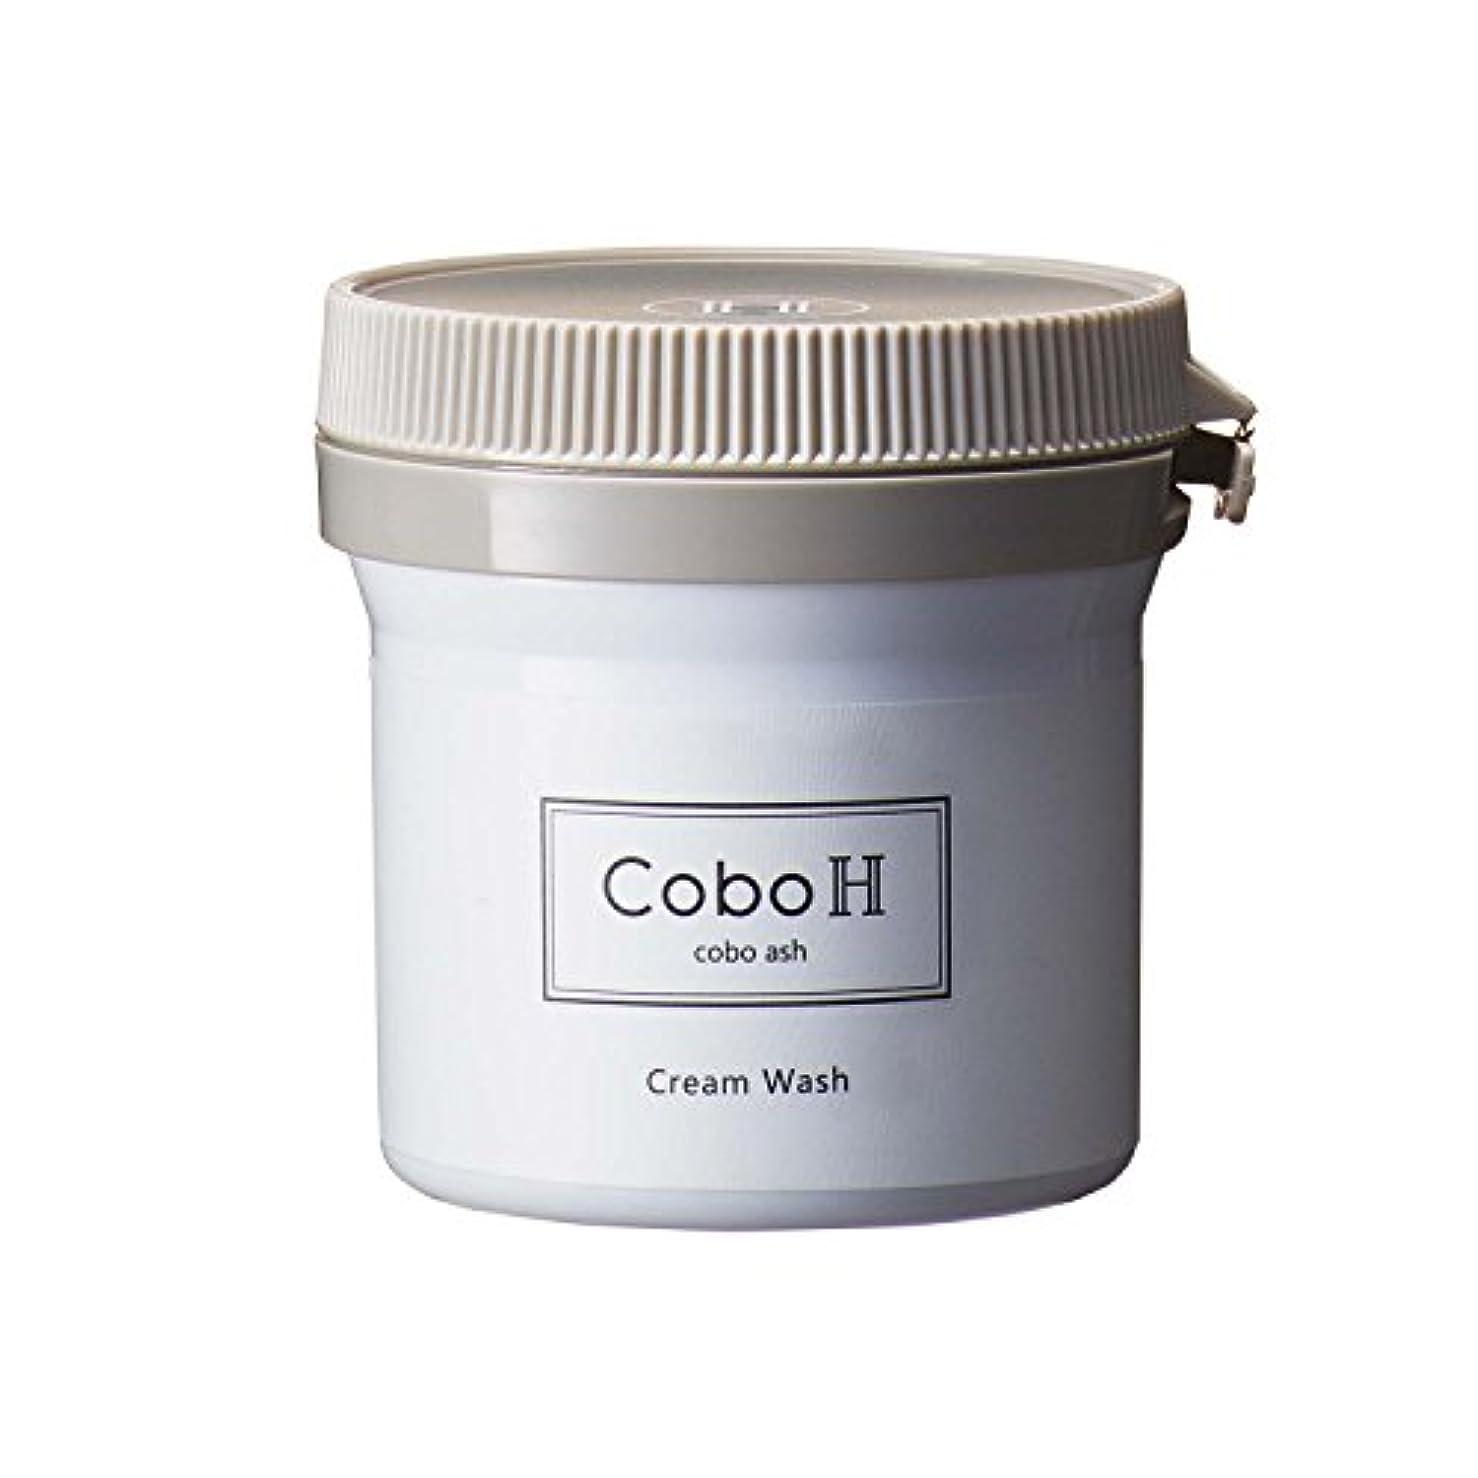 試してみる構造的外科医CoboH コーボアッシュ くりーむウォッシュ 洗顔クリーム 80g